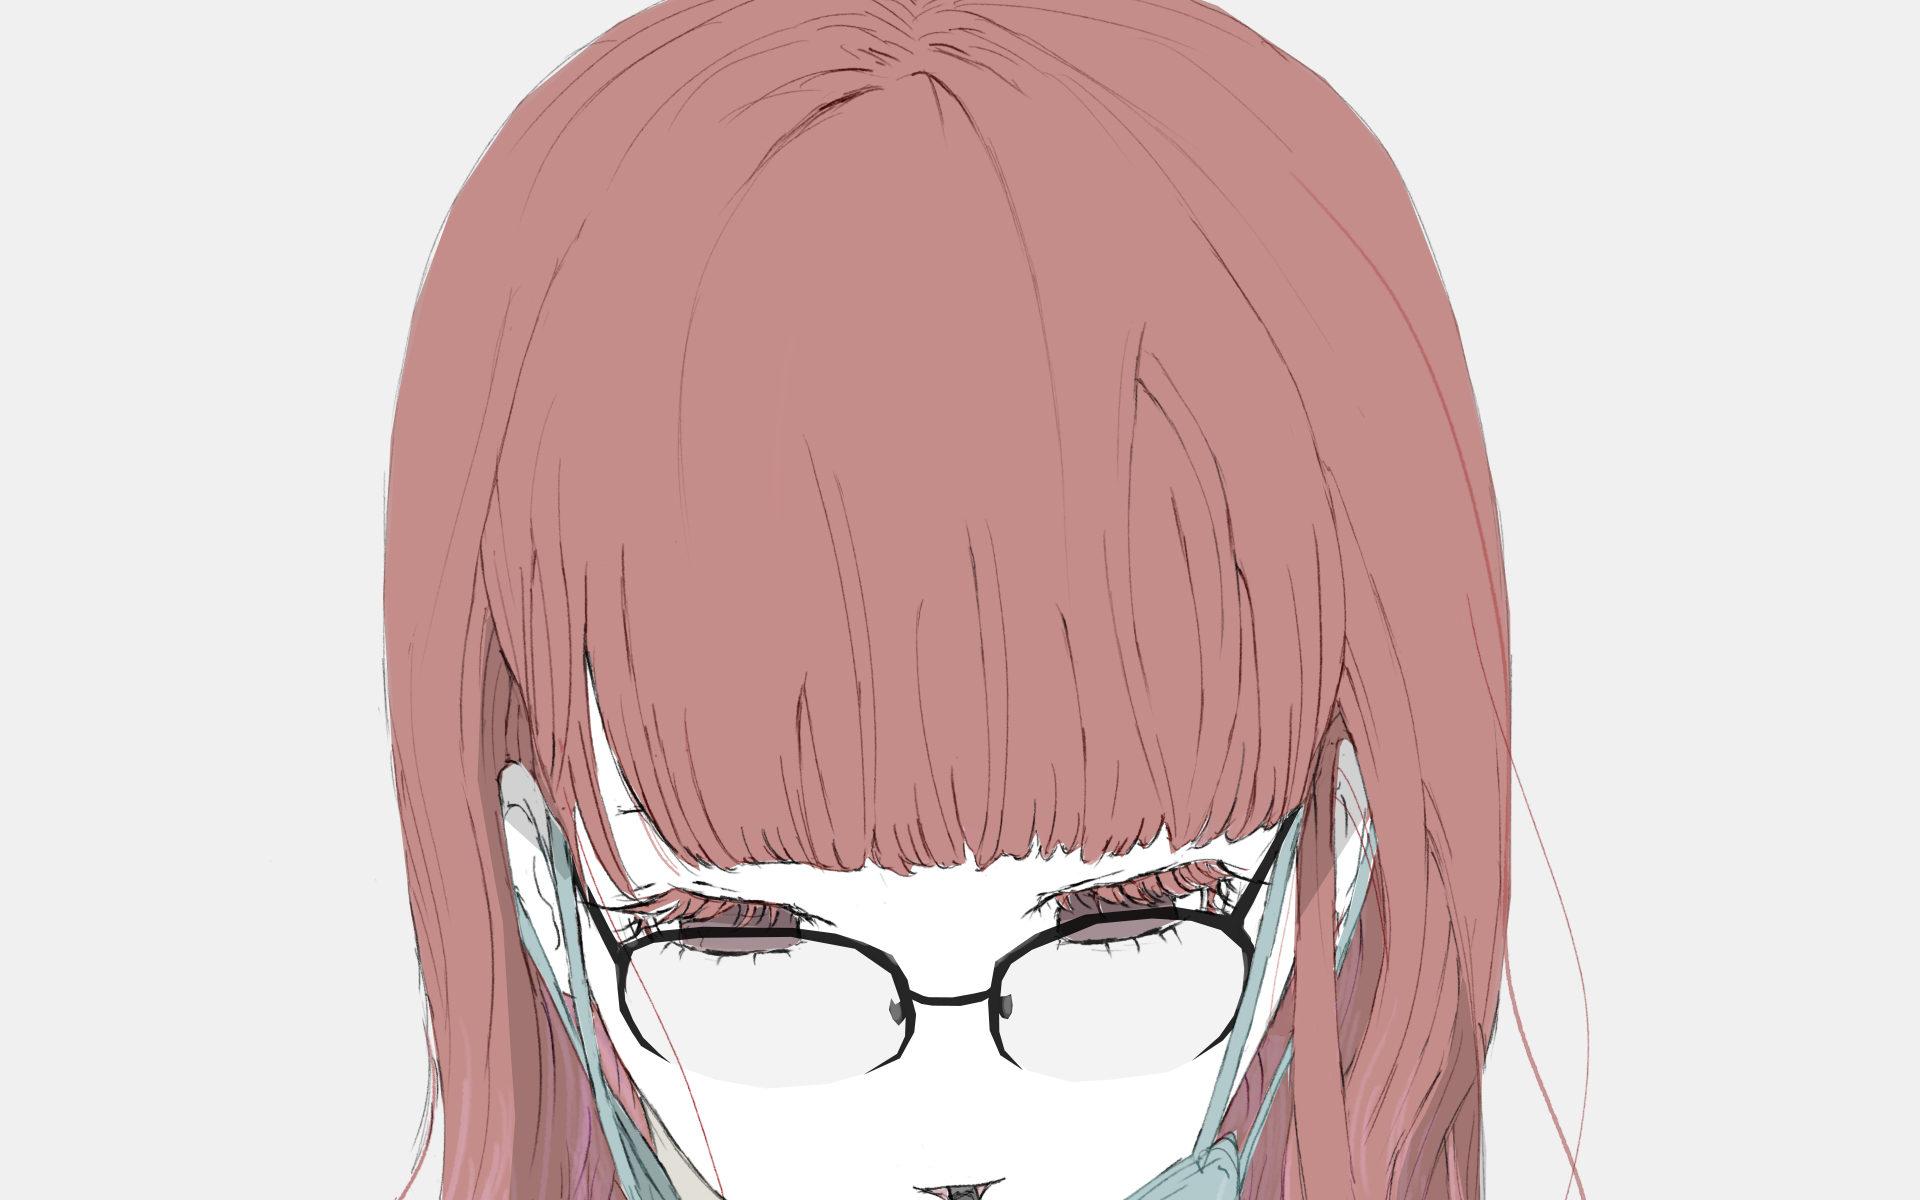 マスクが邪魔そうに飲むメガネ女子のフリーイラスト